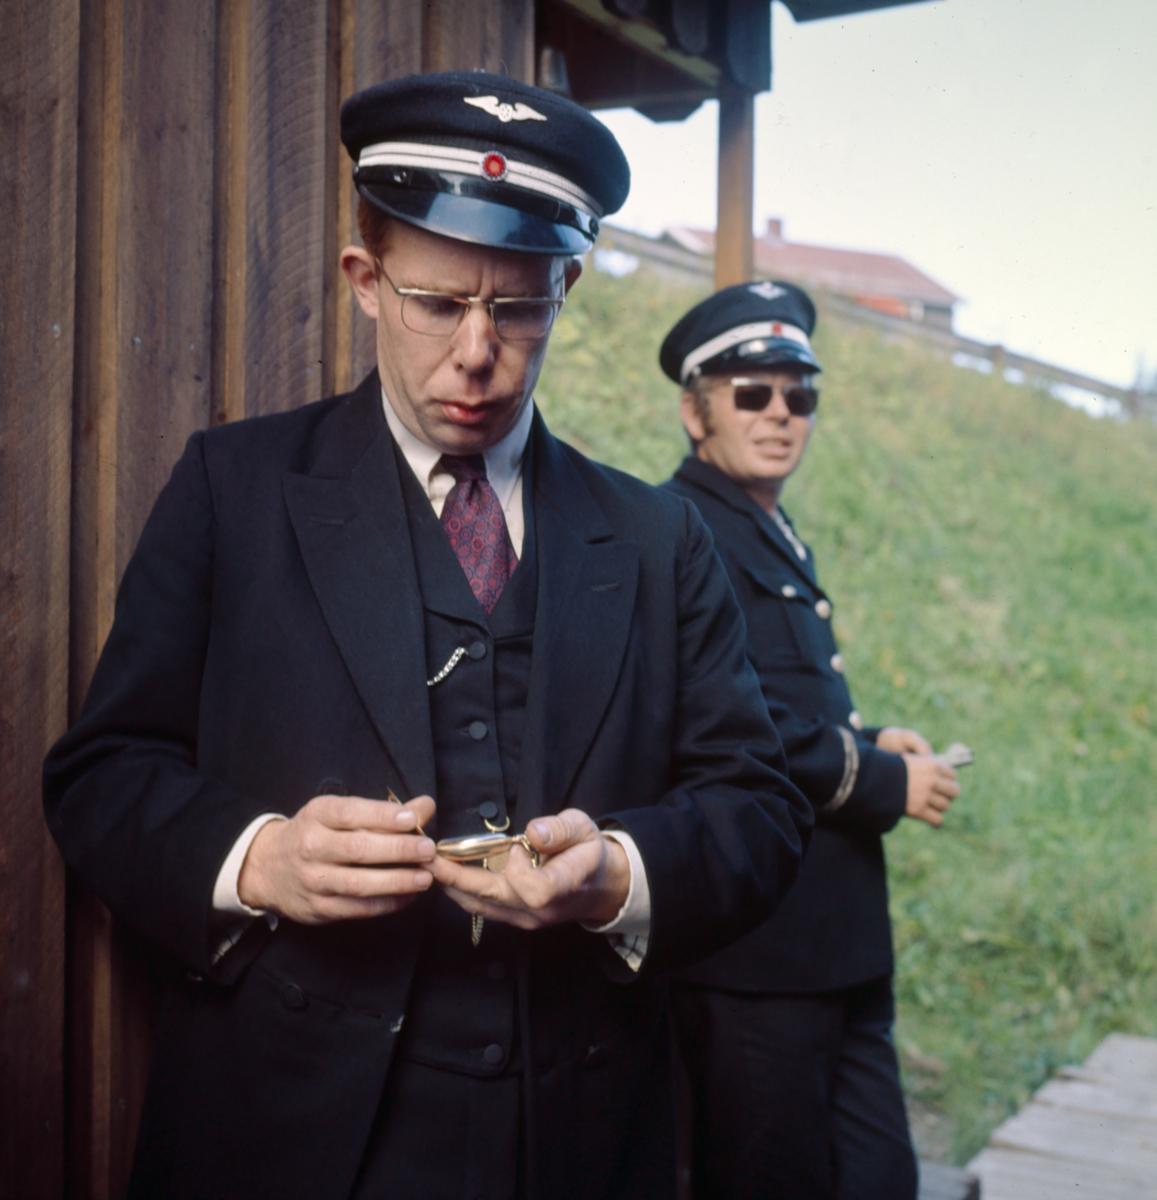 Konduktørpersonale på museumsbanen Tertitten